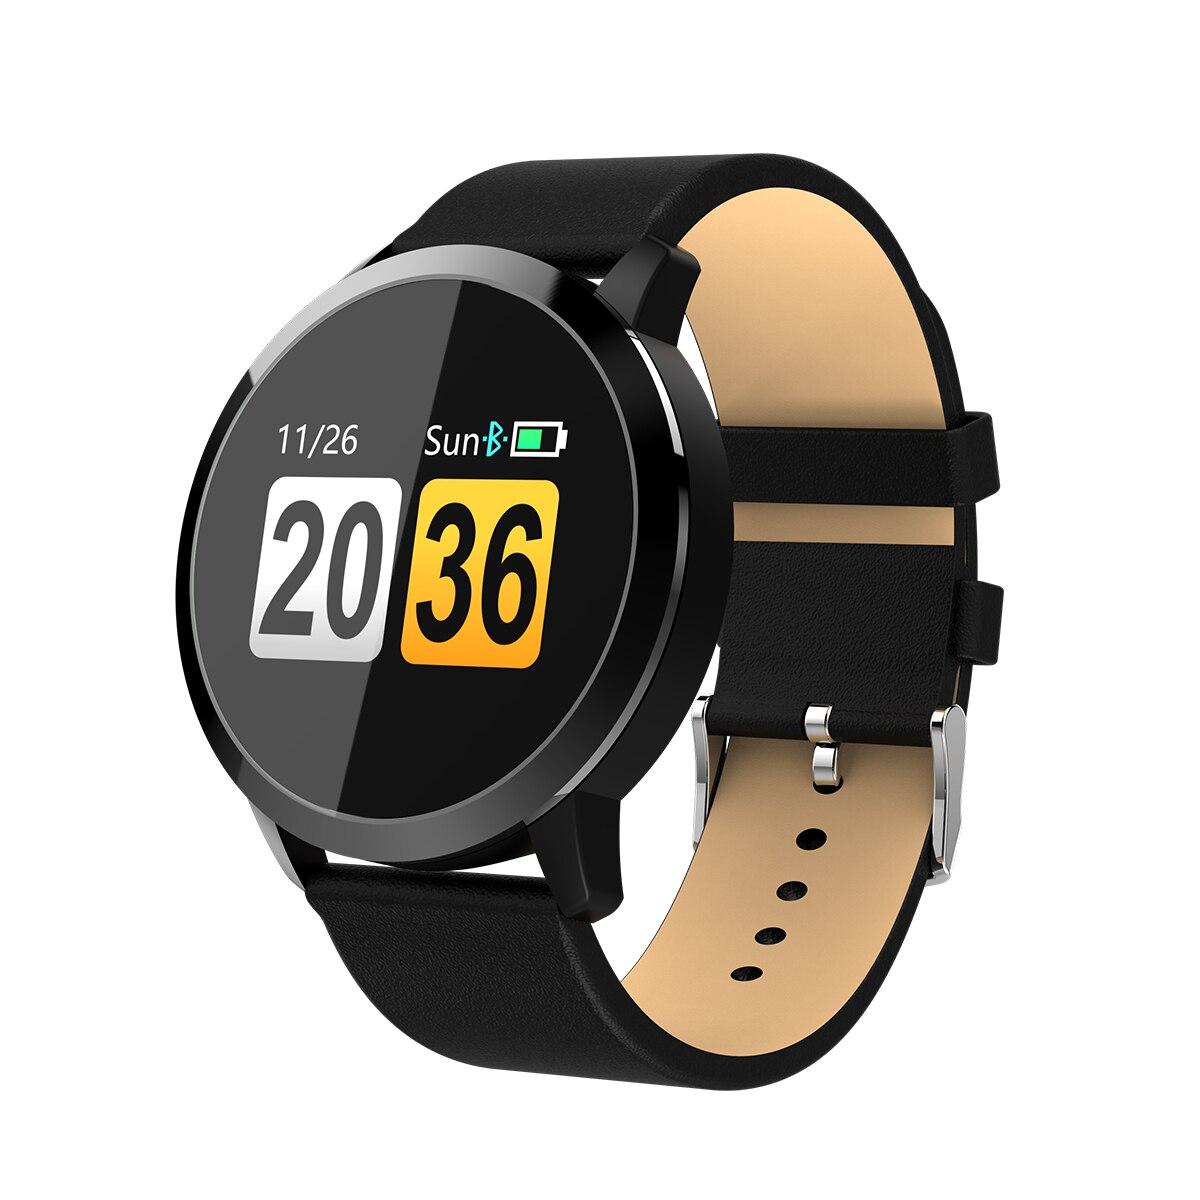 Fizili Q8 Цвет Сенсорный экран Smartwatch Smart 1080 P часы Для мужчин и Для женщин IP67 Водонепроницаемый спортивные Фитнес носимых электронные произво